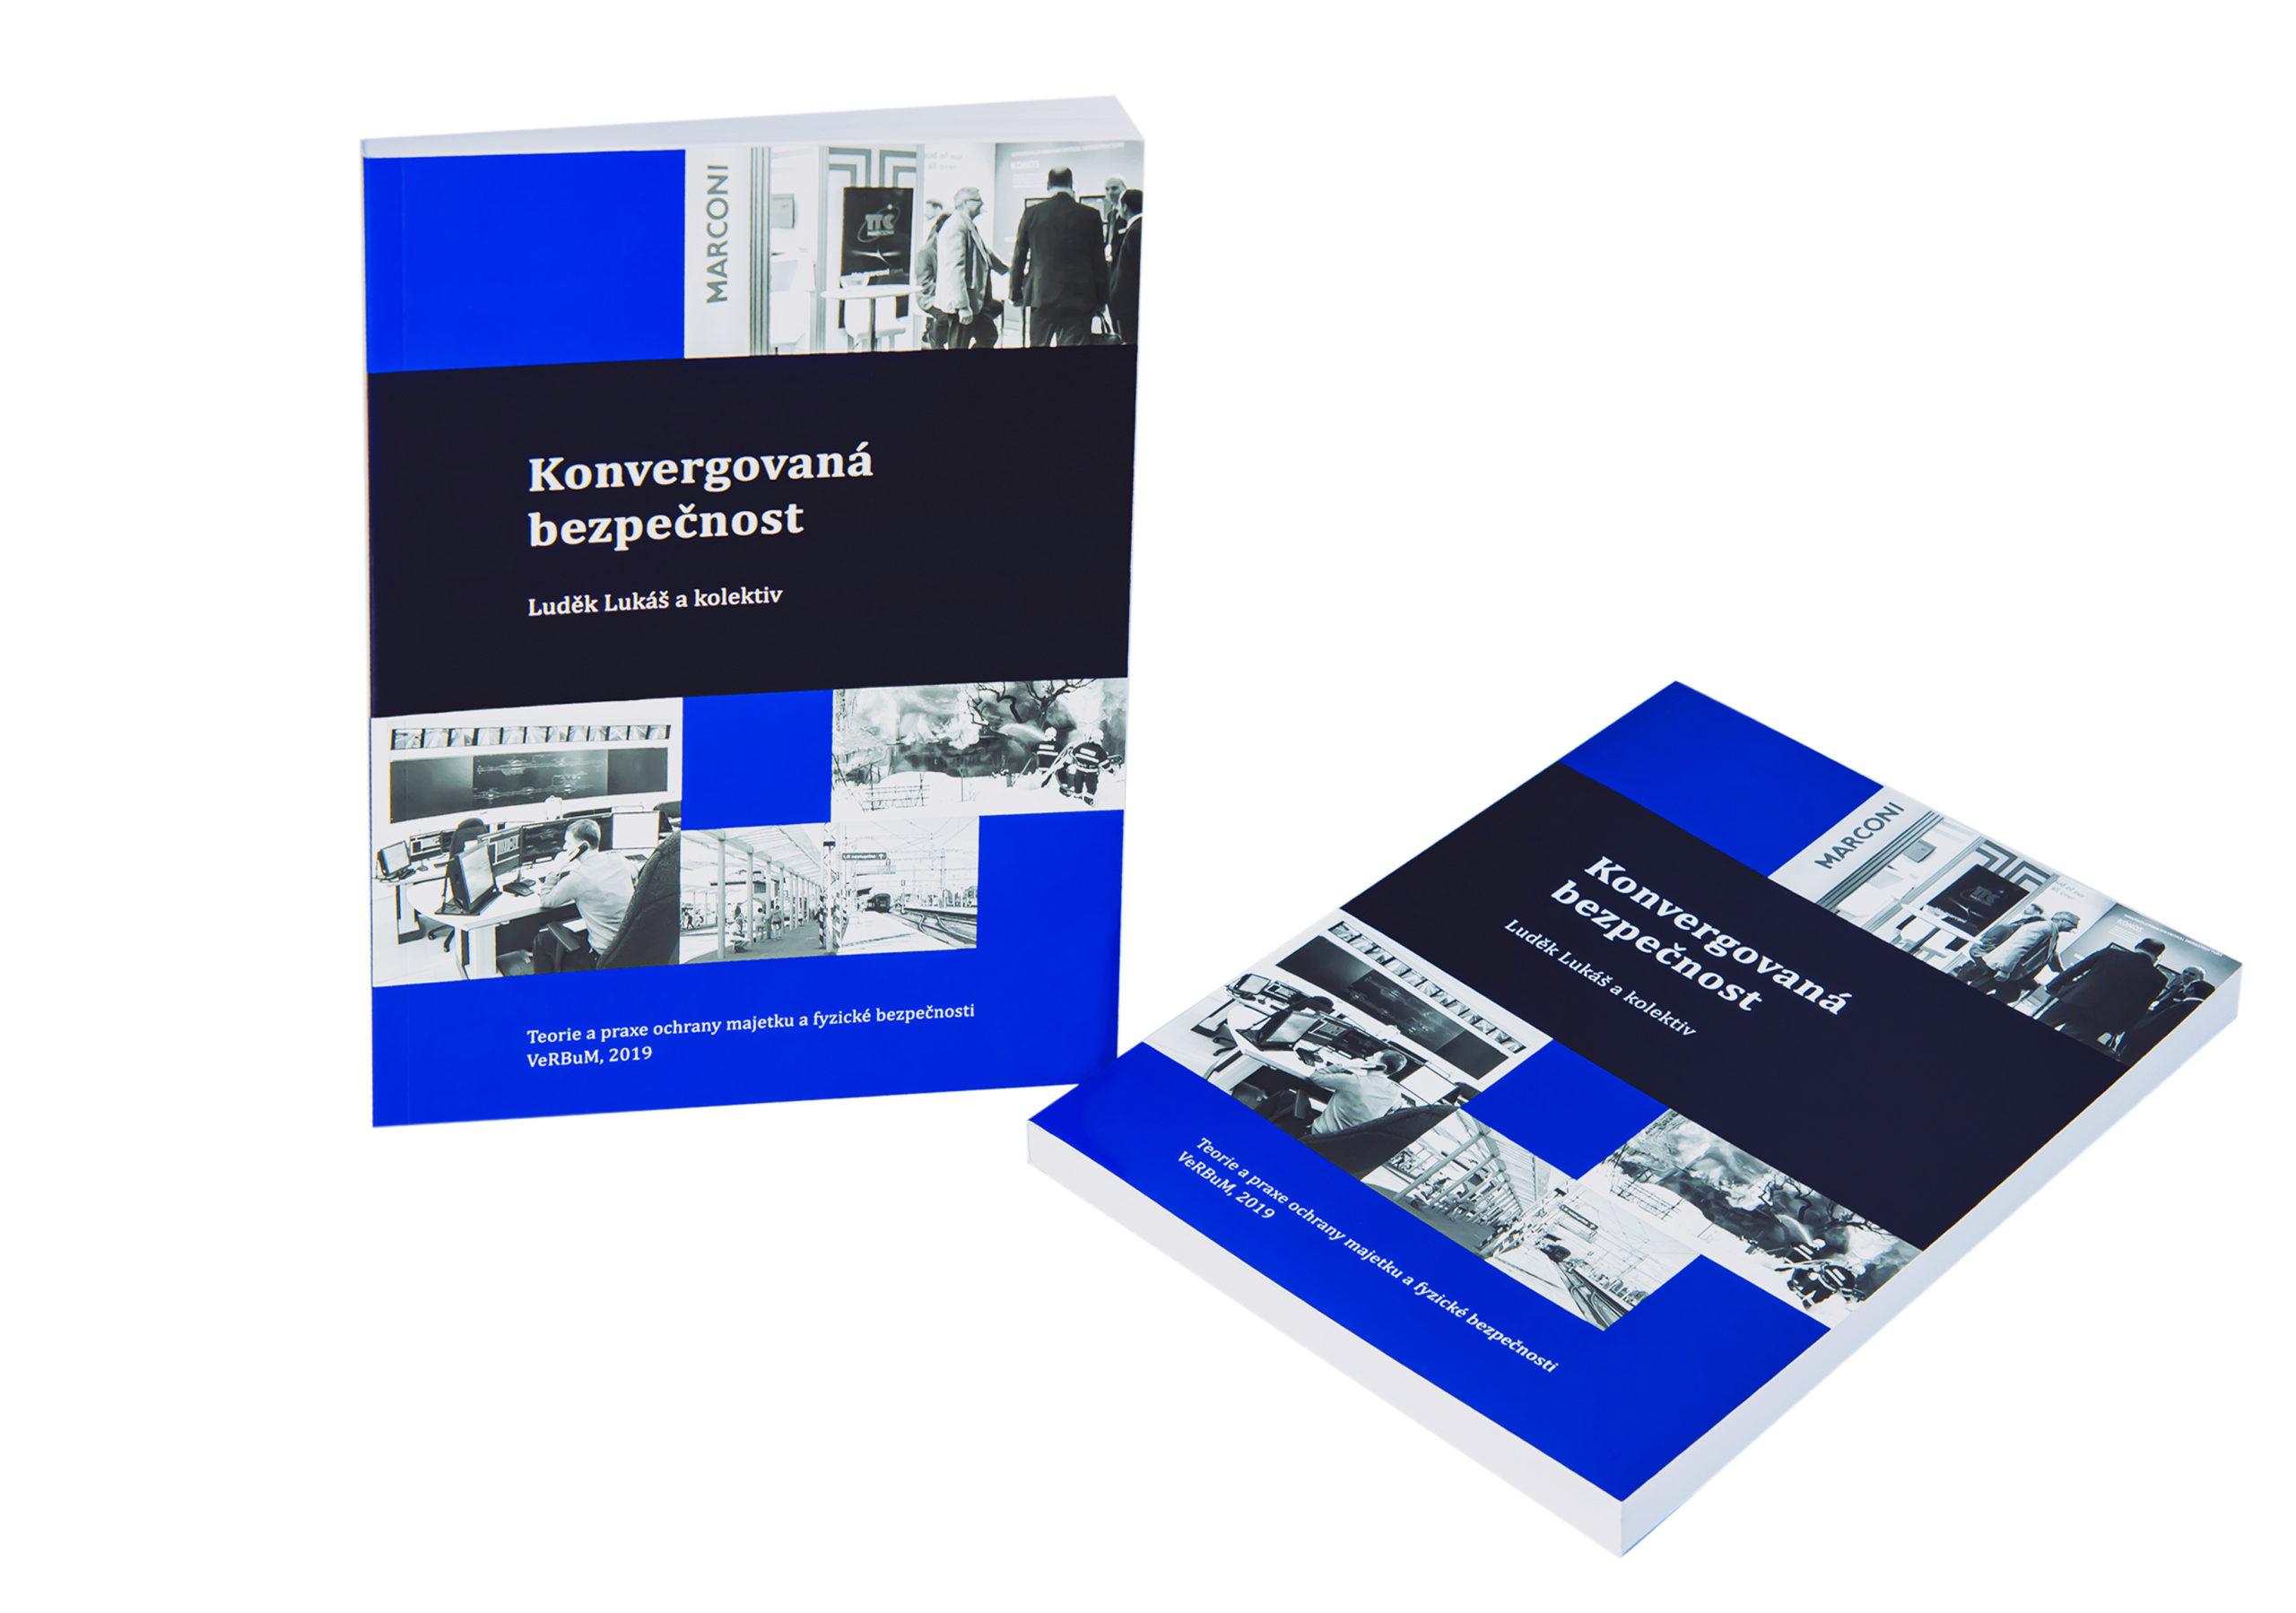 Kniha o roojování fyzické, provozní a kybernetické bezpečnosti.